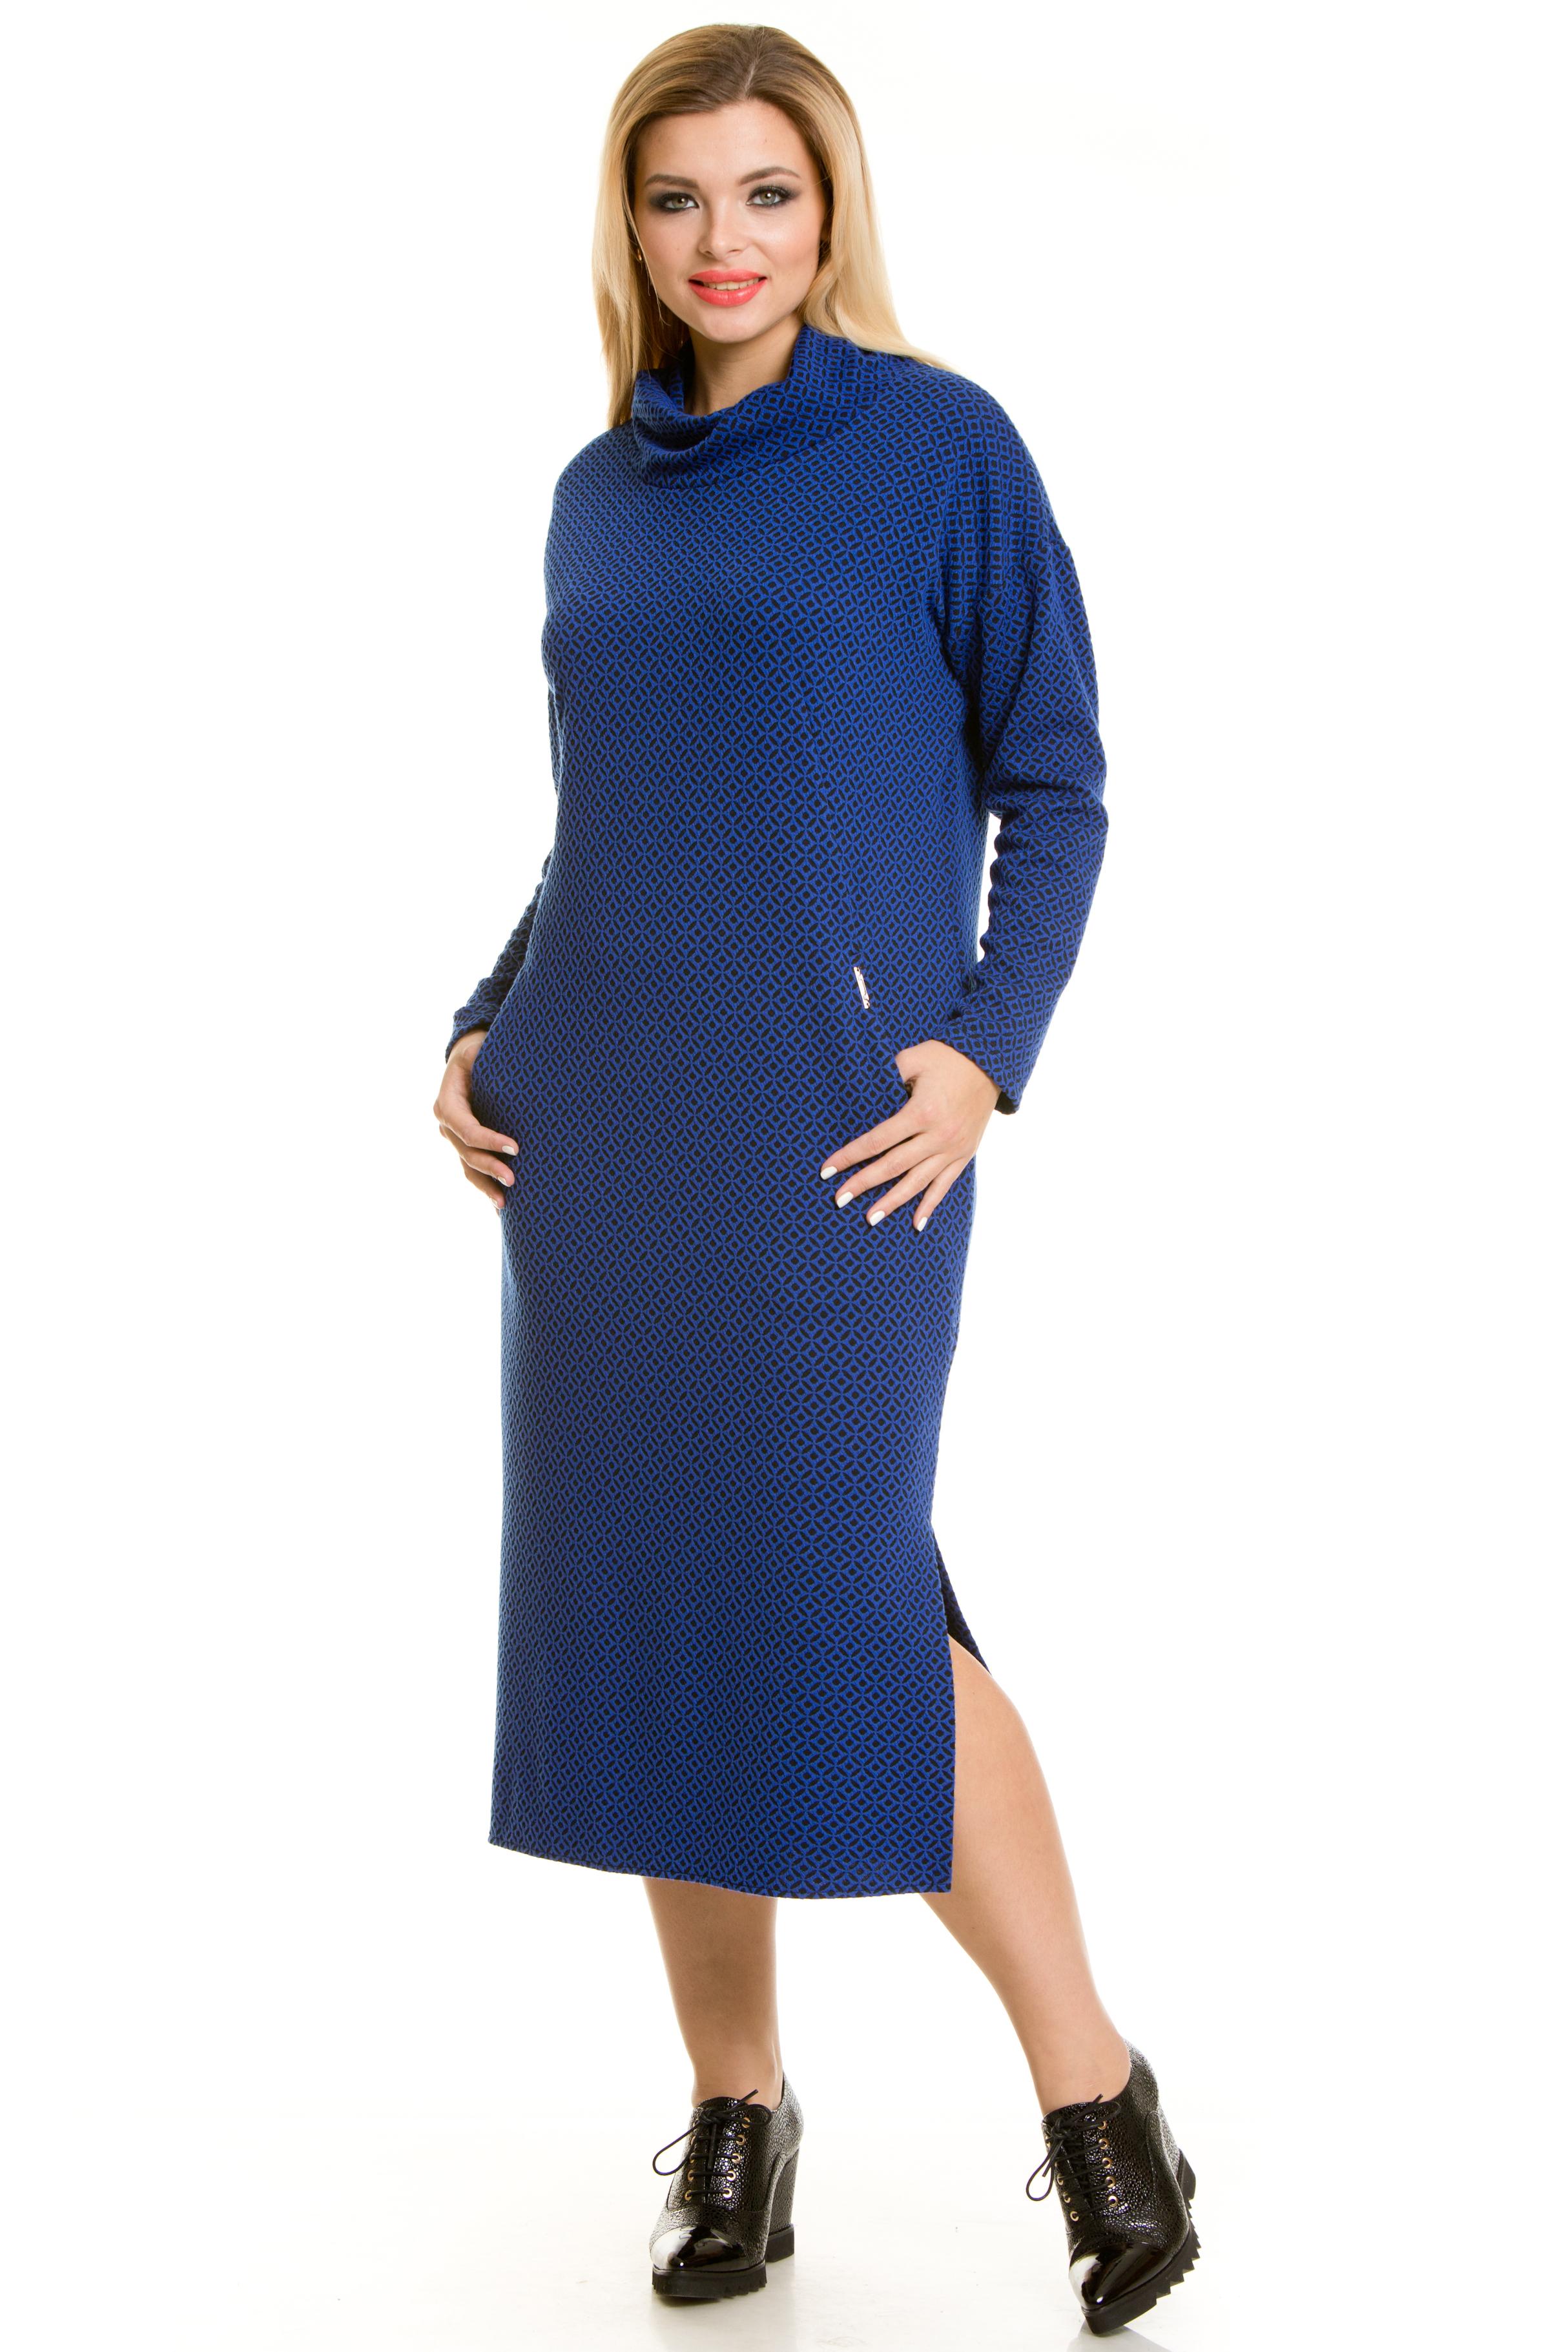 Женская одежда оптом от производителя   Интернет-магазин VENUSITA оптовая  продажа женской одежды по низким ценам 2223961d485